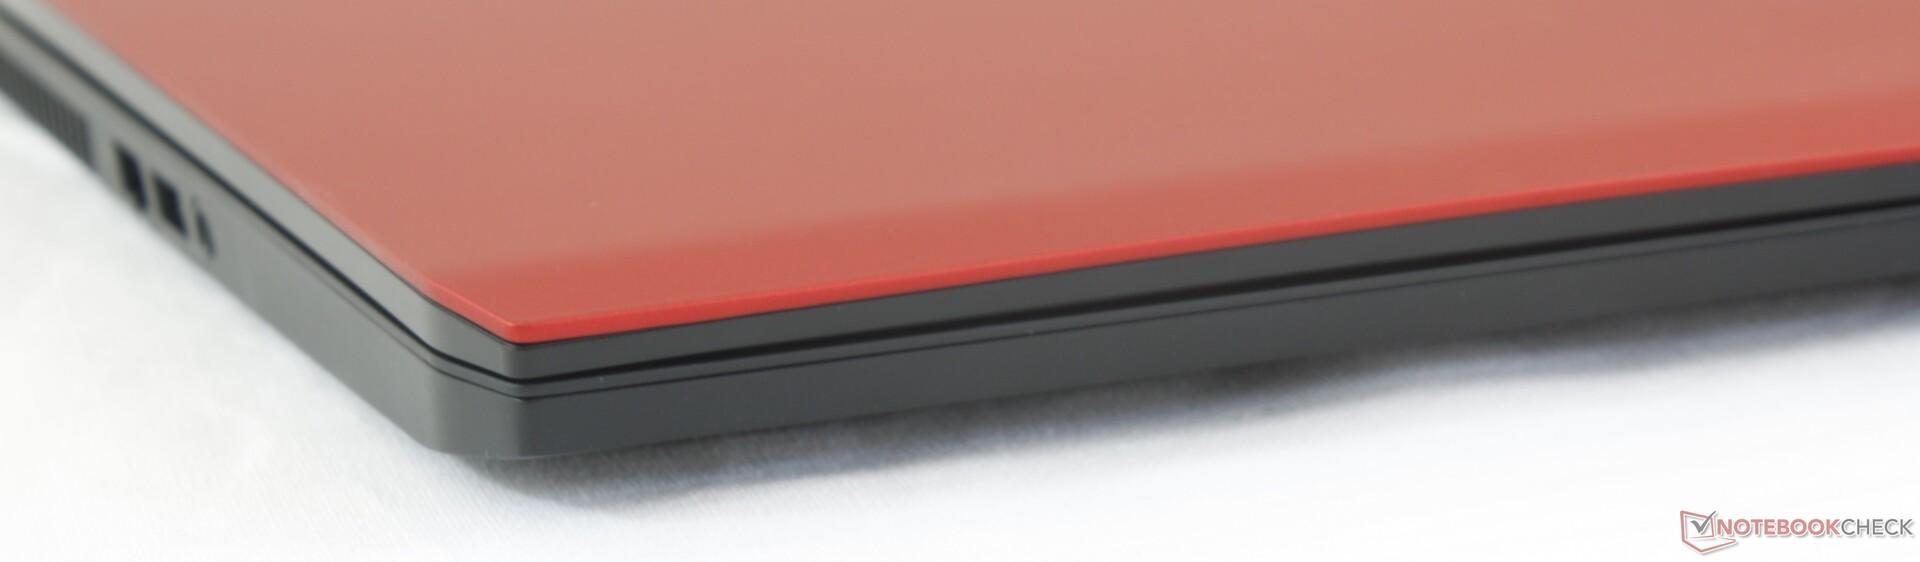 Breve Análise do Portátil Alienware m17 (i9-8950HK, RTX 2080